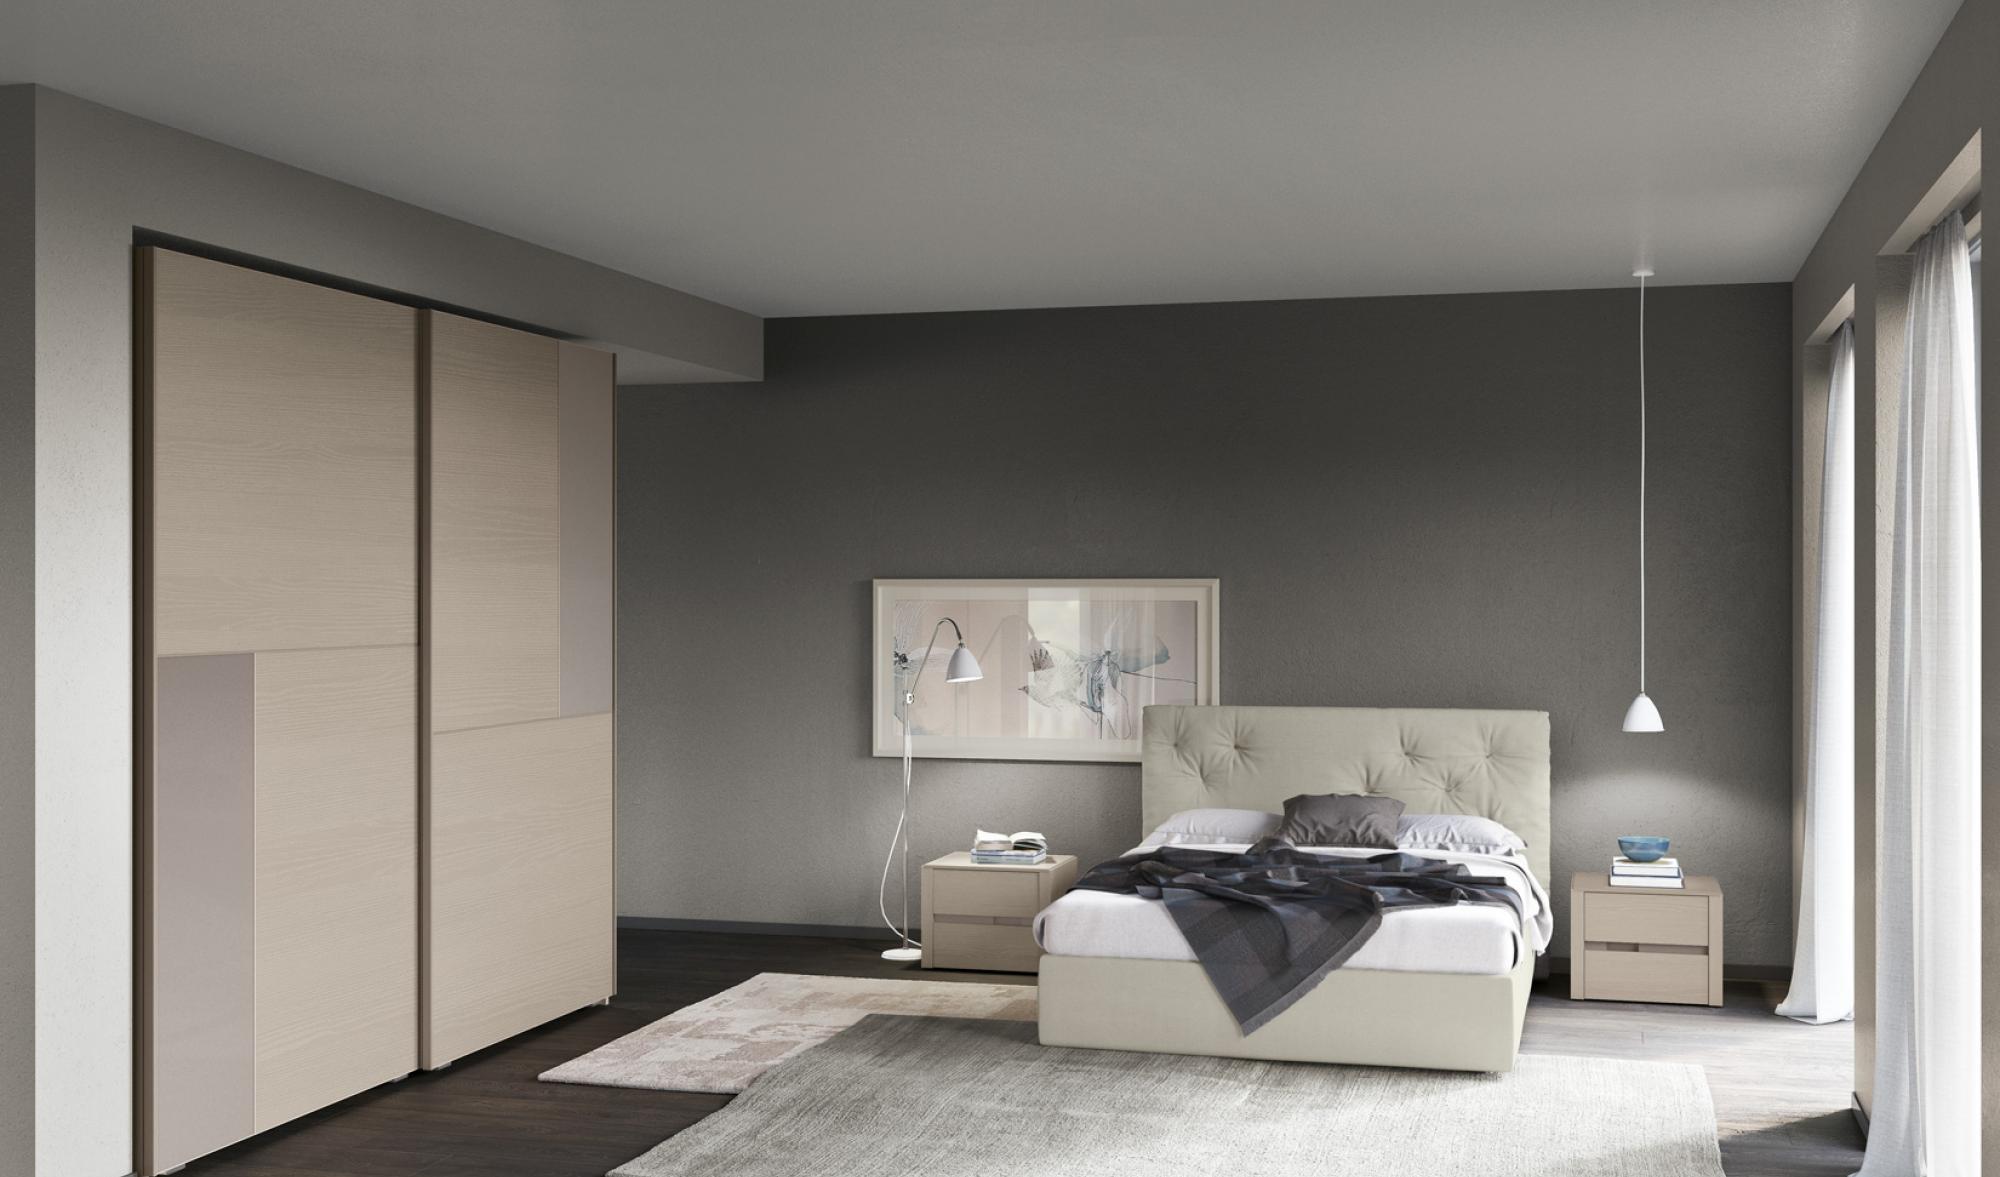 Camere da letto colombini vitalyty arredo spazio casa for Piani casa 6 camere da letto